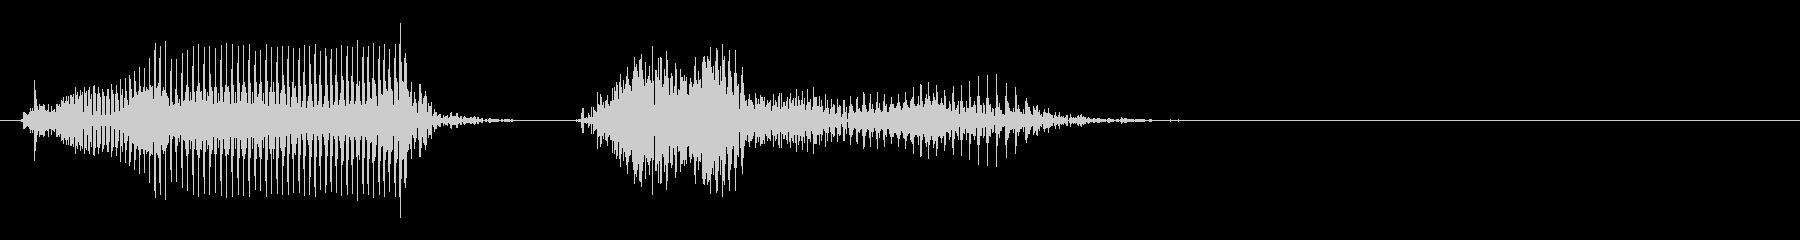 けちーの未再生の波形